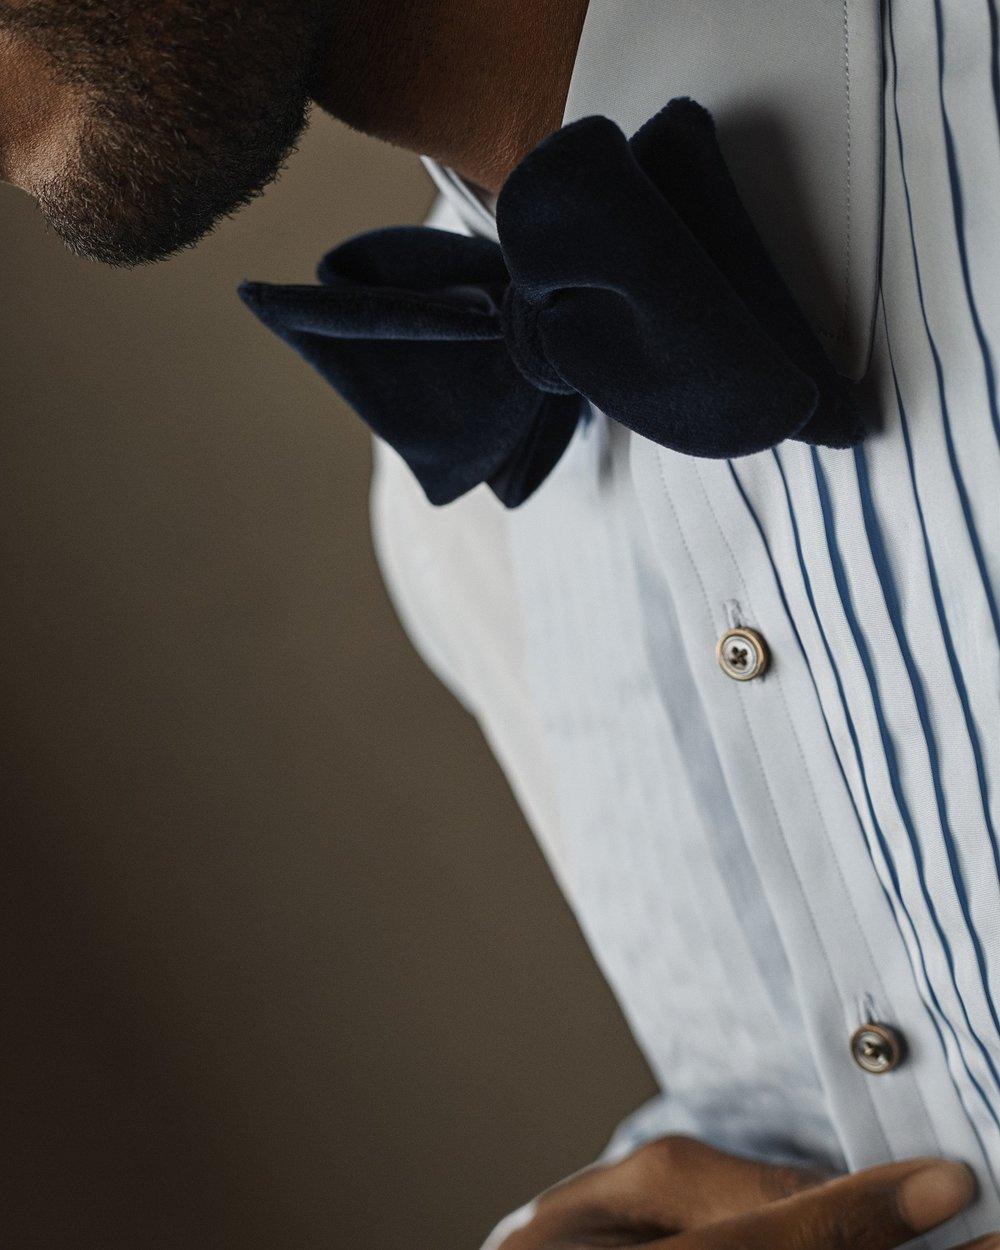 NEW Turnbull & Asser Evening Shirt Collection (20).jpg